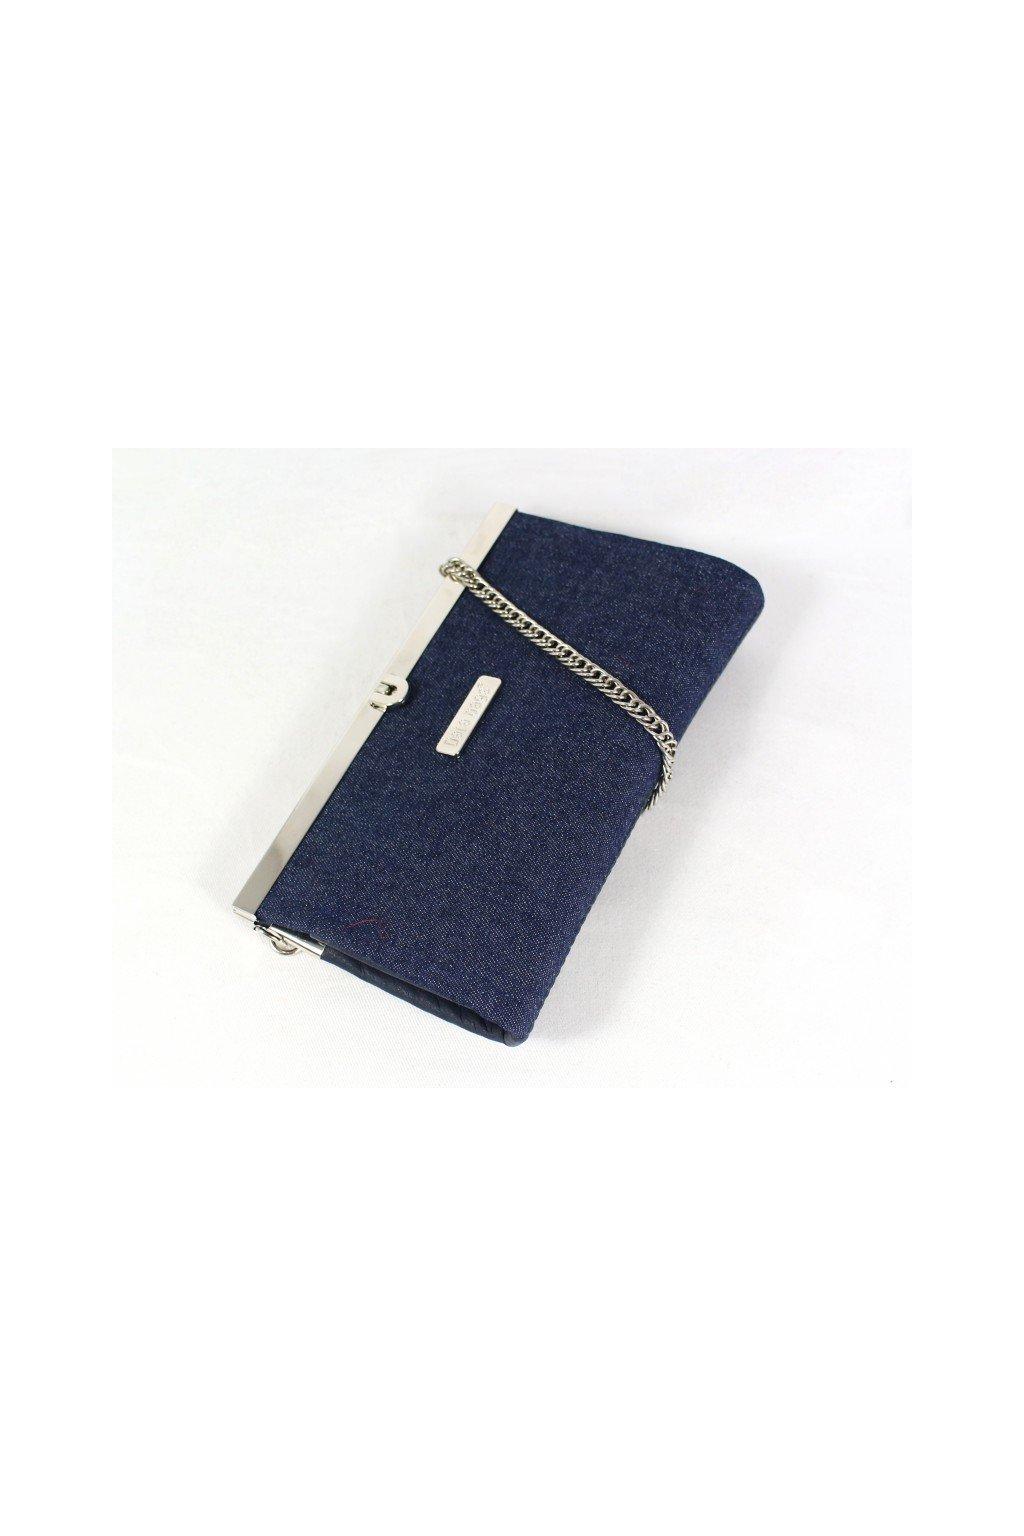 Mala kabelka Merci Dara bags modra 1